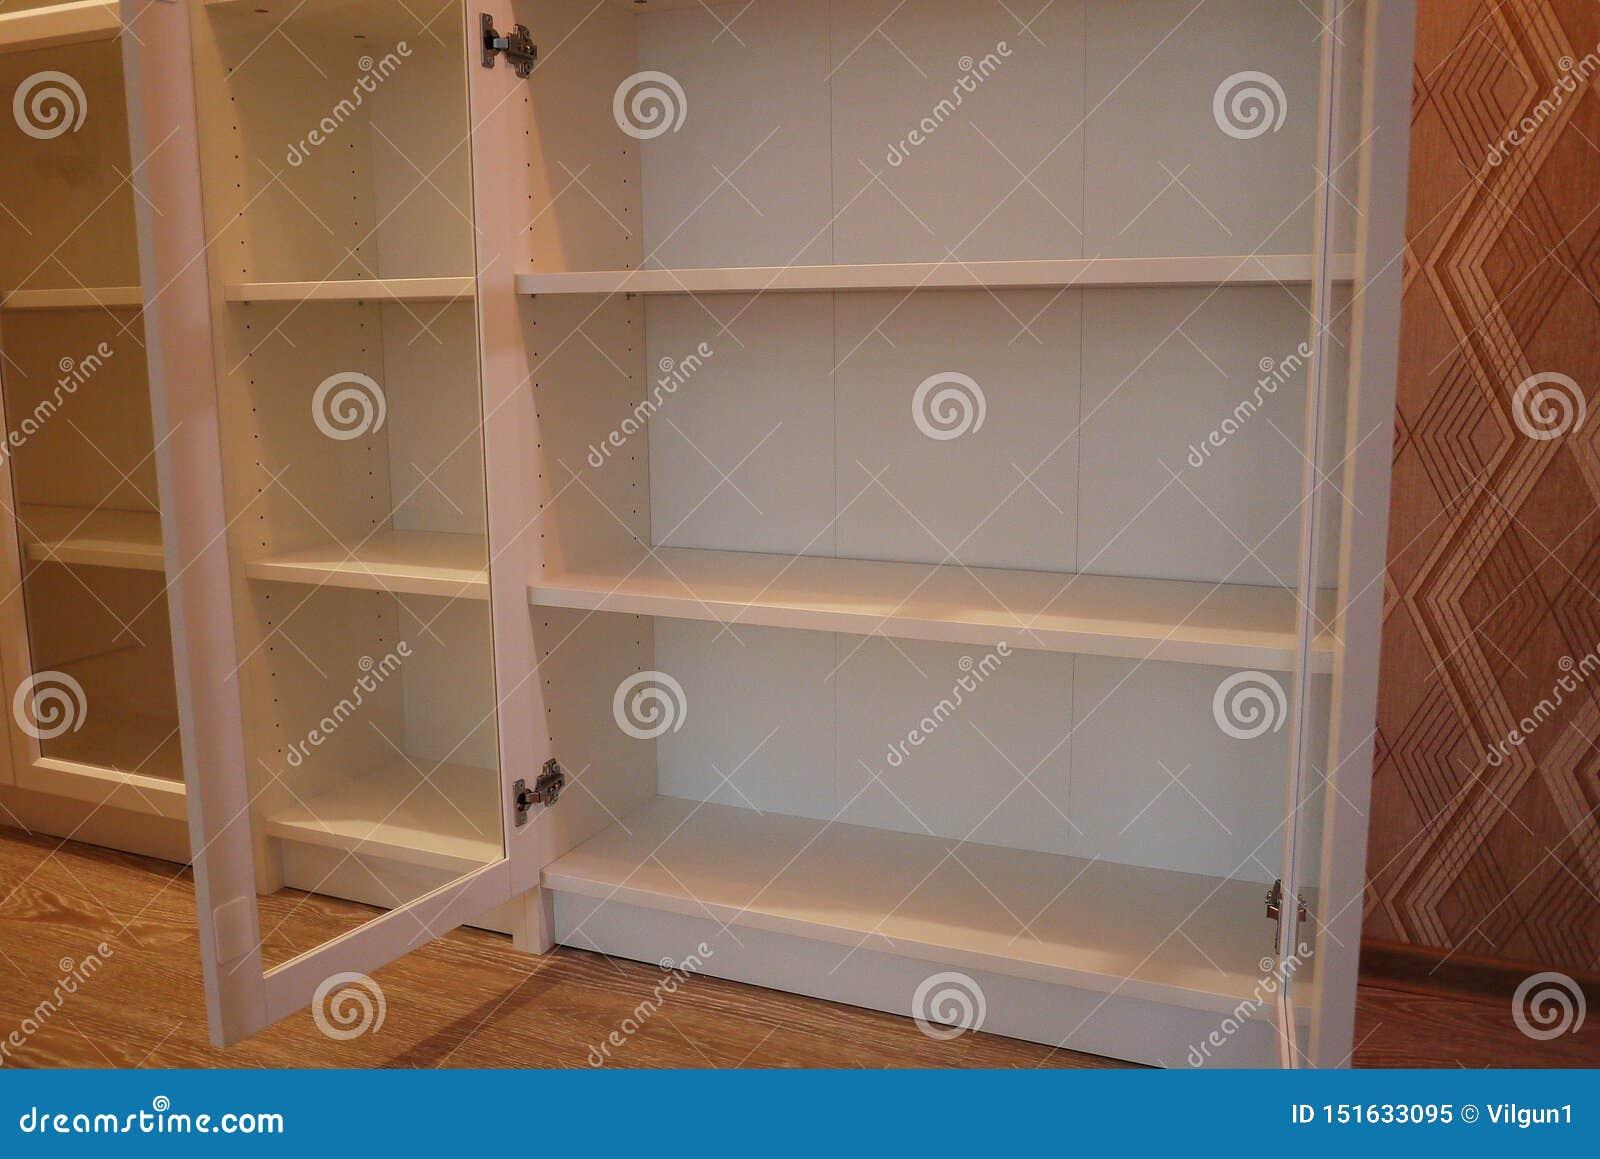 Boekenkast binnen de flat